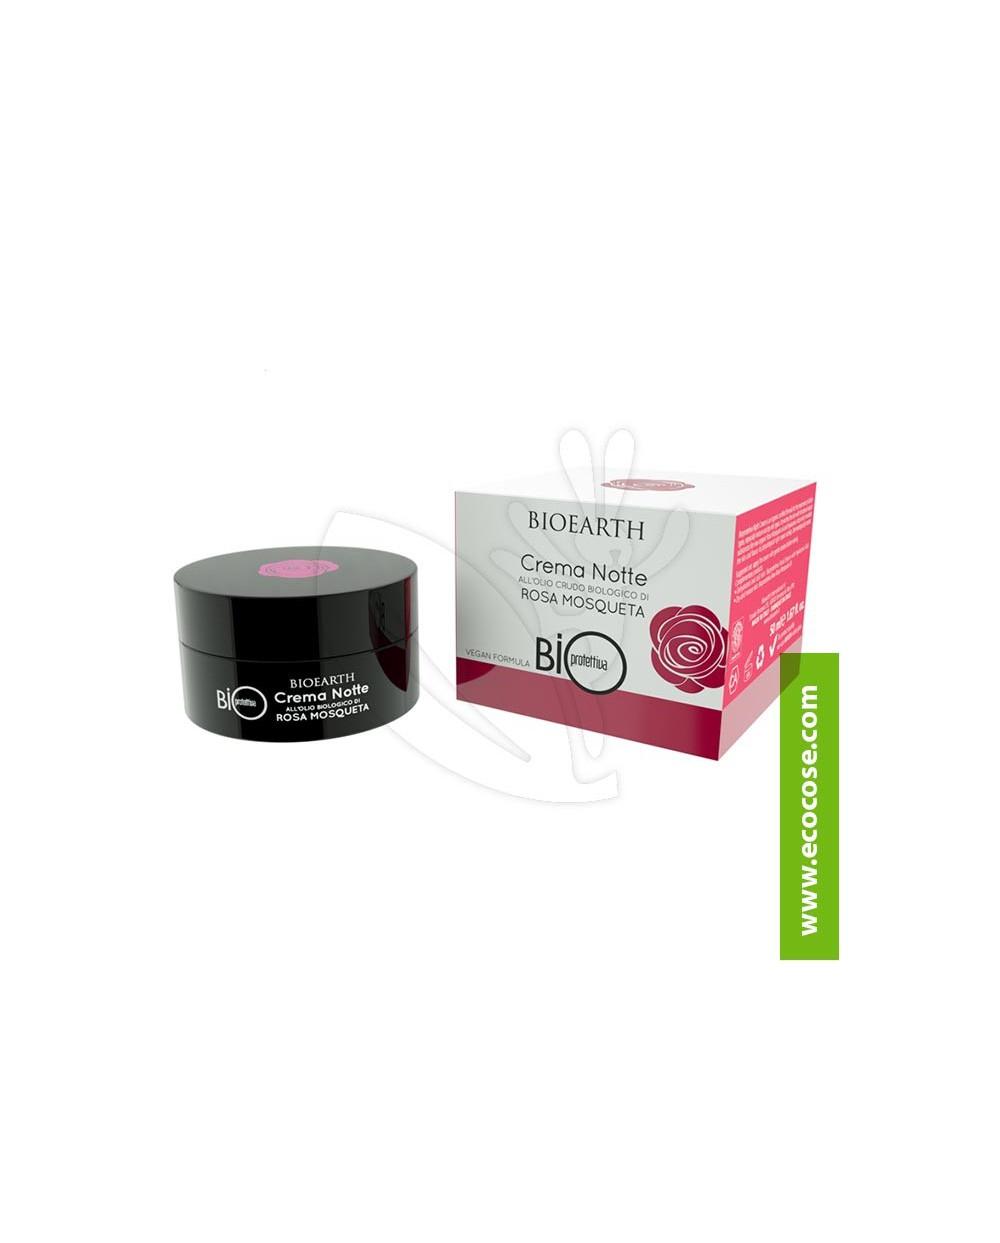 Bioearth - Bioprotettiva - Crema Notte all'olio crudo di Rosa Mosqueta Bio